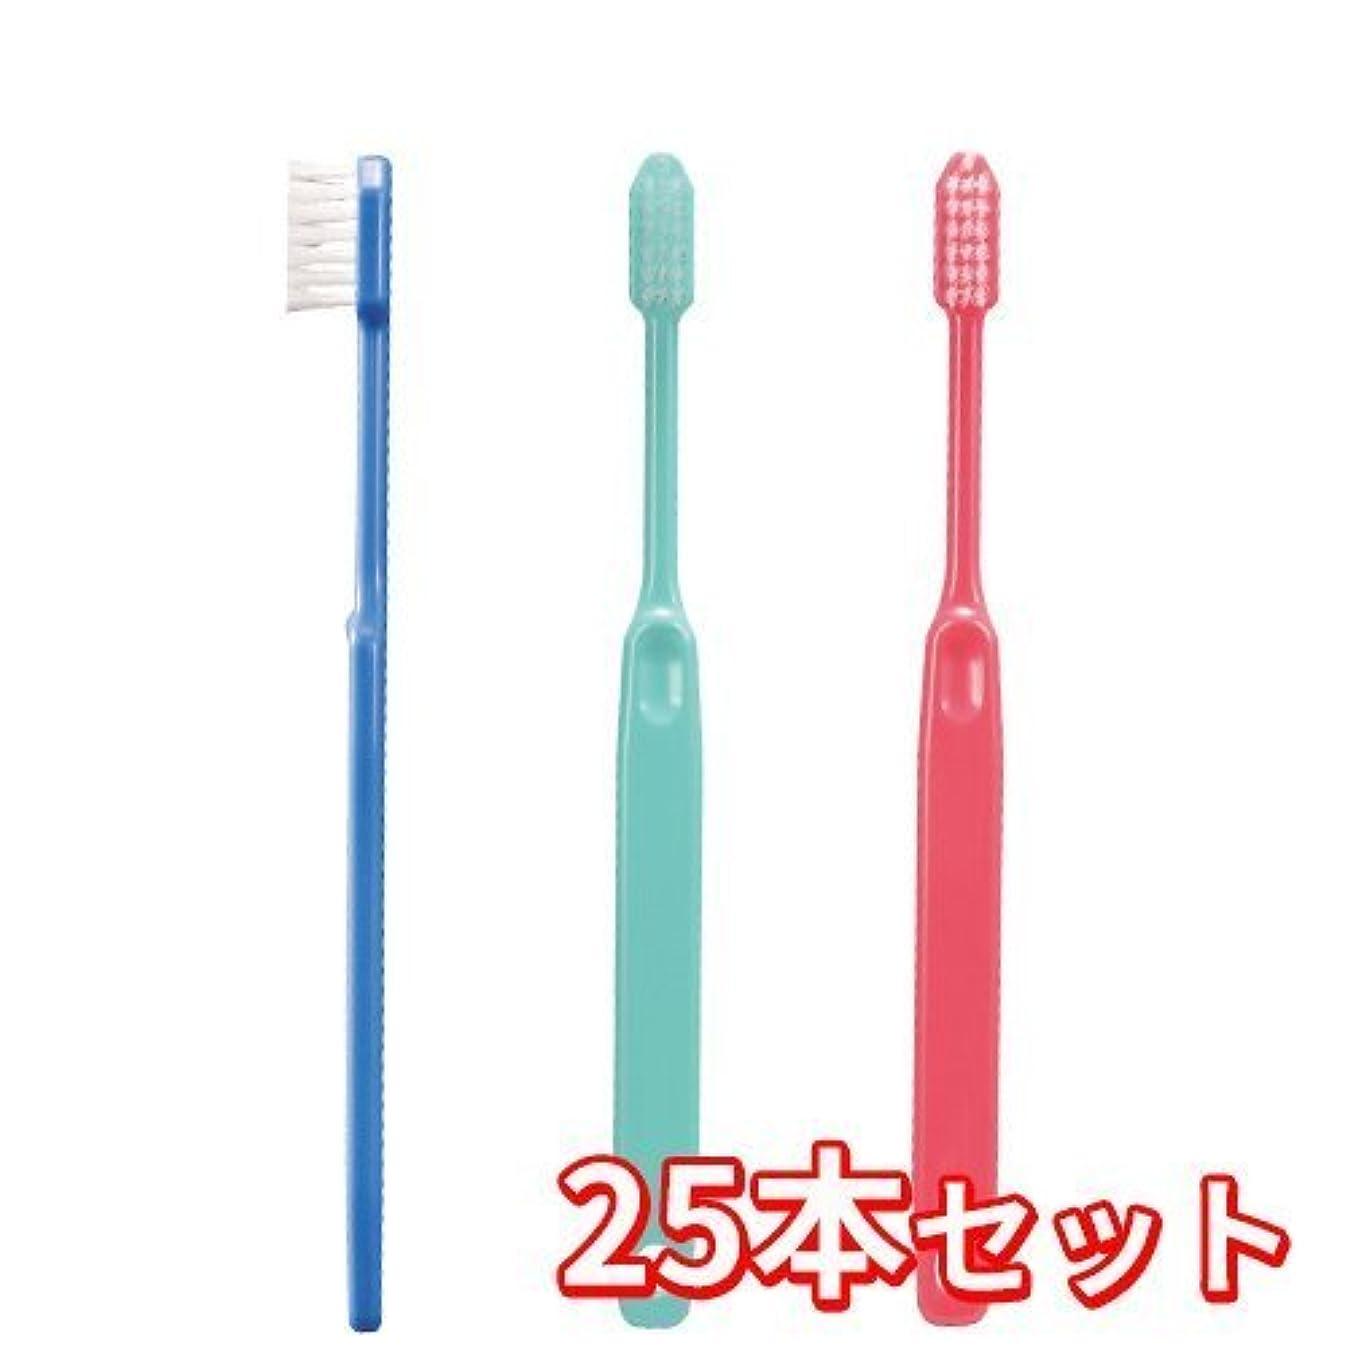 プロポーショナル逮捕オリエンテーションCiメディカル 歯ブラシ コンパクトヘッド 疎毛タイプ アソート 25本 (Ci25(やわらかめ))